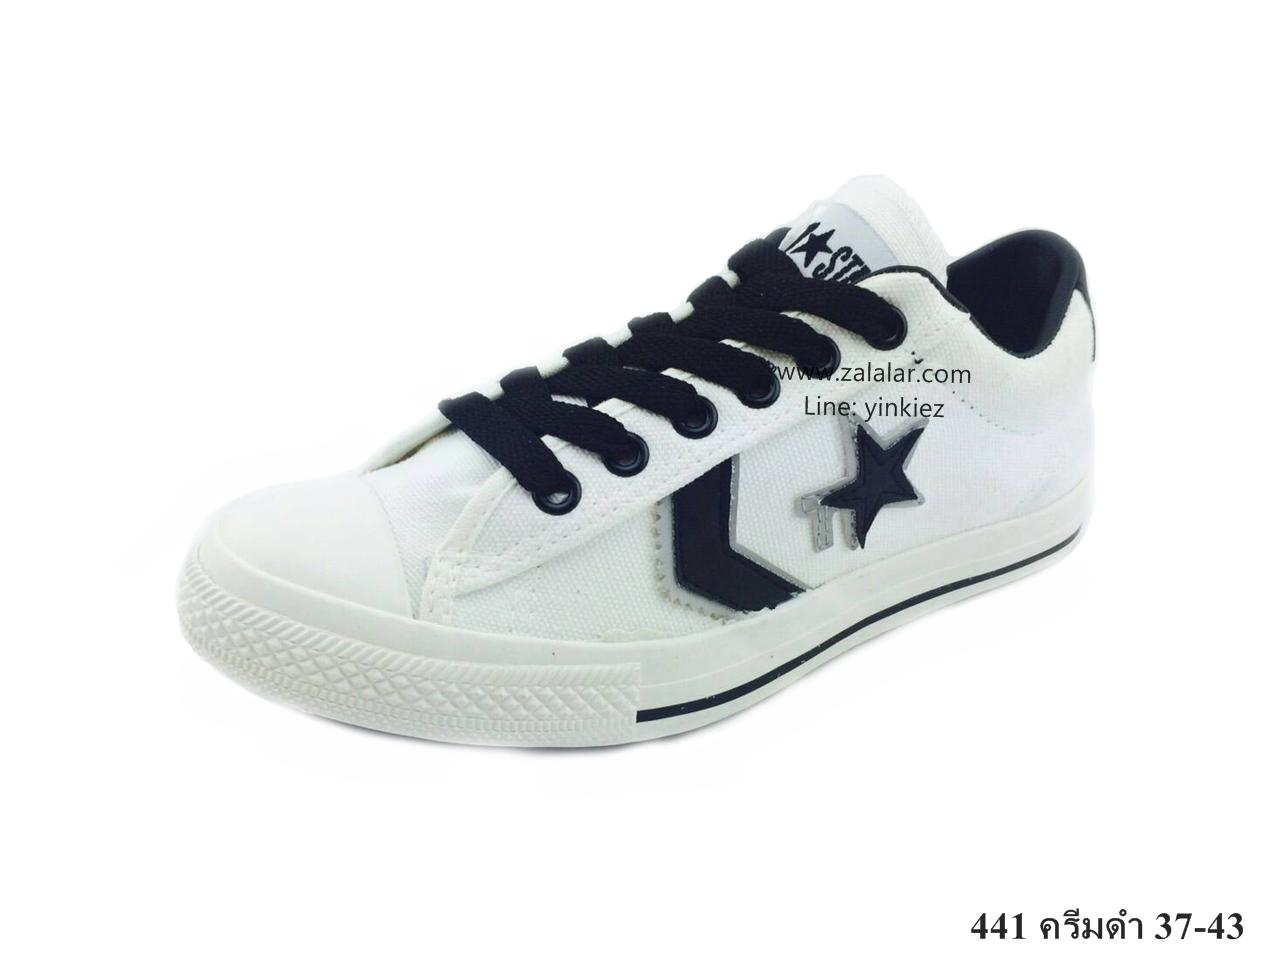 [พร้อมส่ง] รองเท้าผ้าใบแฟชั่น รุ่น 441 สีครีมดำ